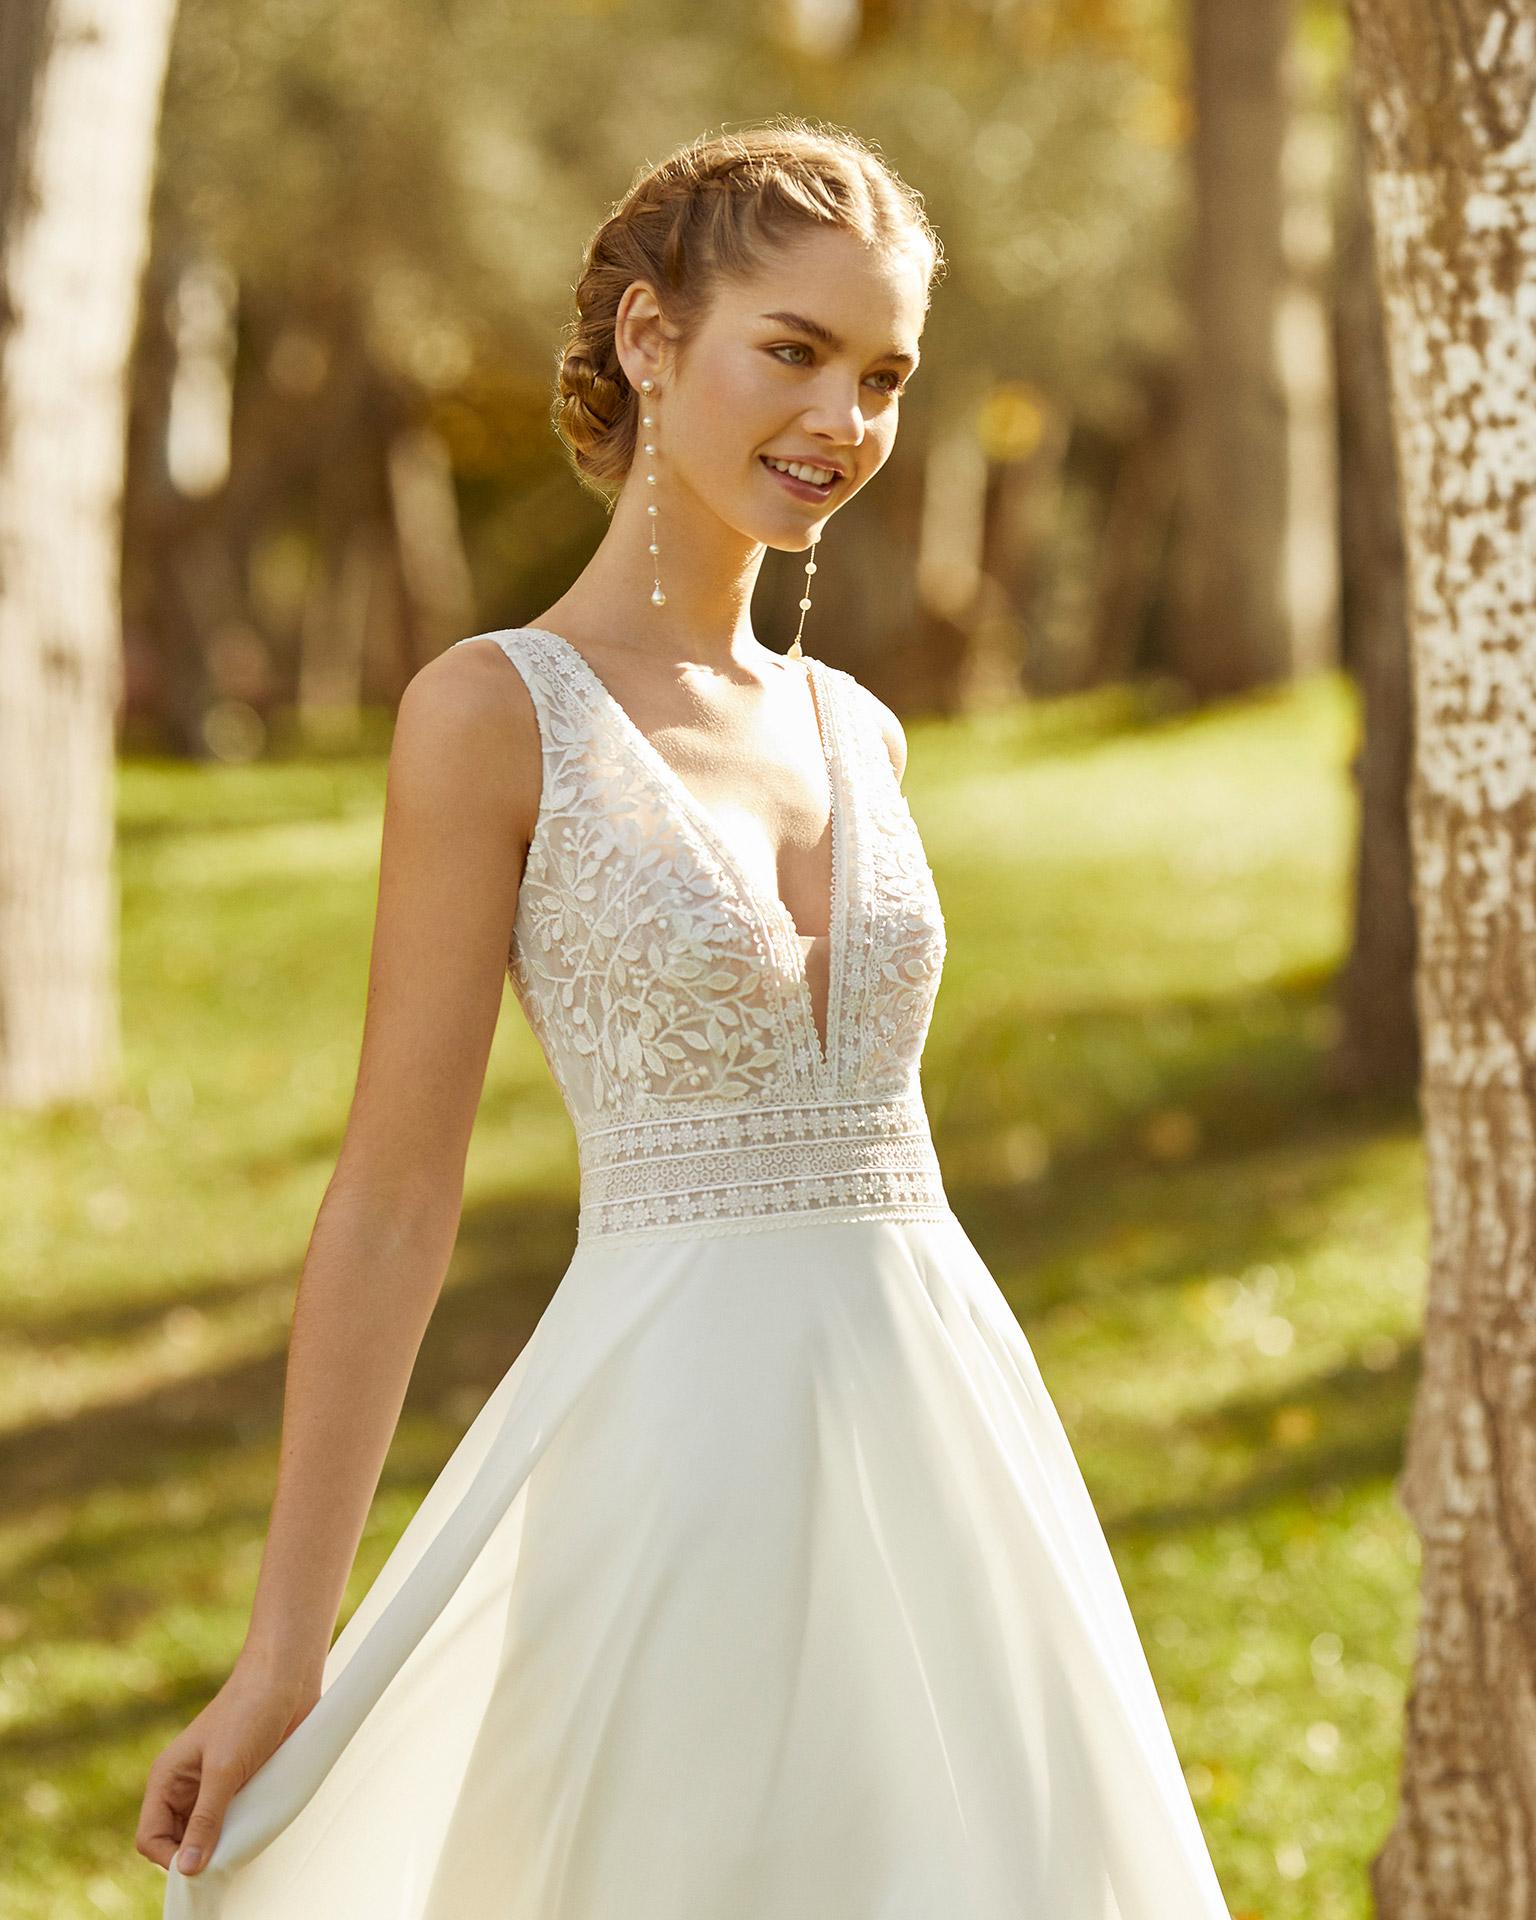 Boho-Chic - gerade geschnittenes Hochzeitskleid, die Träger die den V Ausschnitt formen sind mit feiner blättriger Spitze besetzt - Feelings Braut & Festmoden